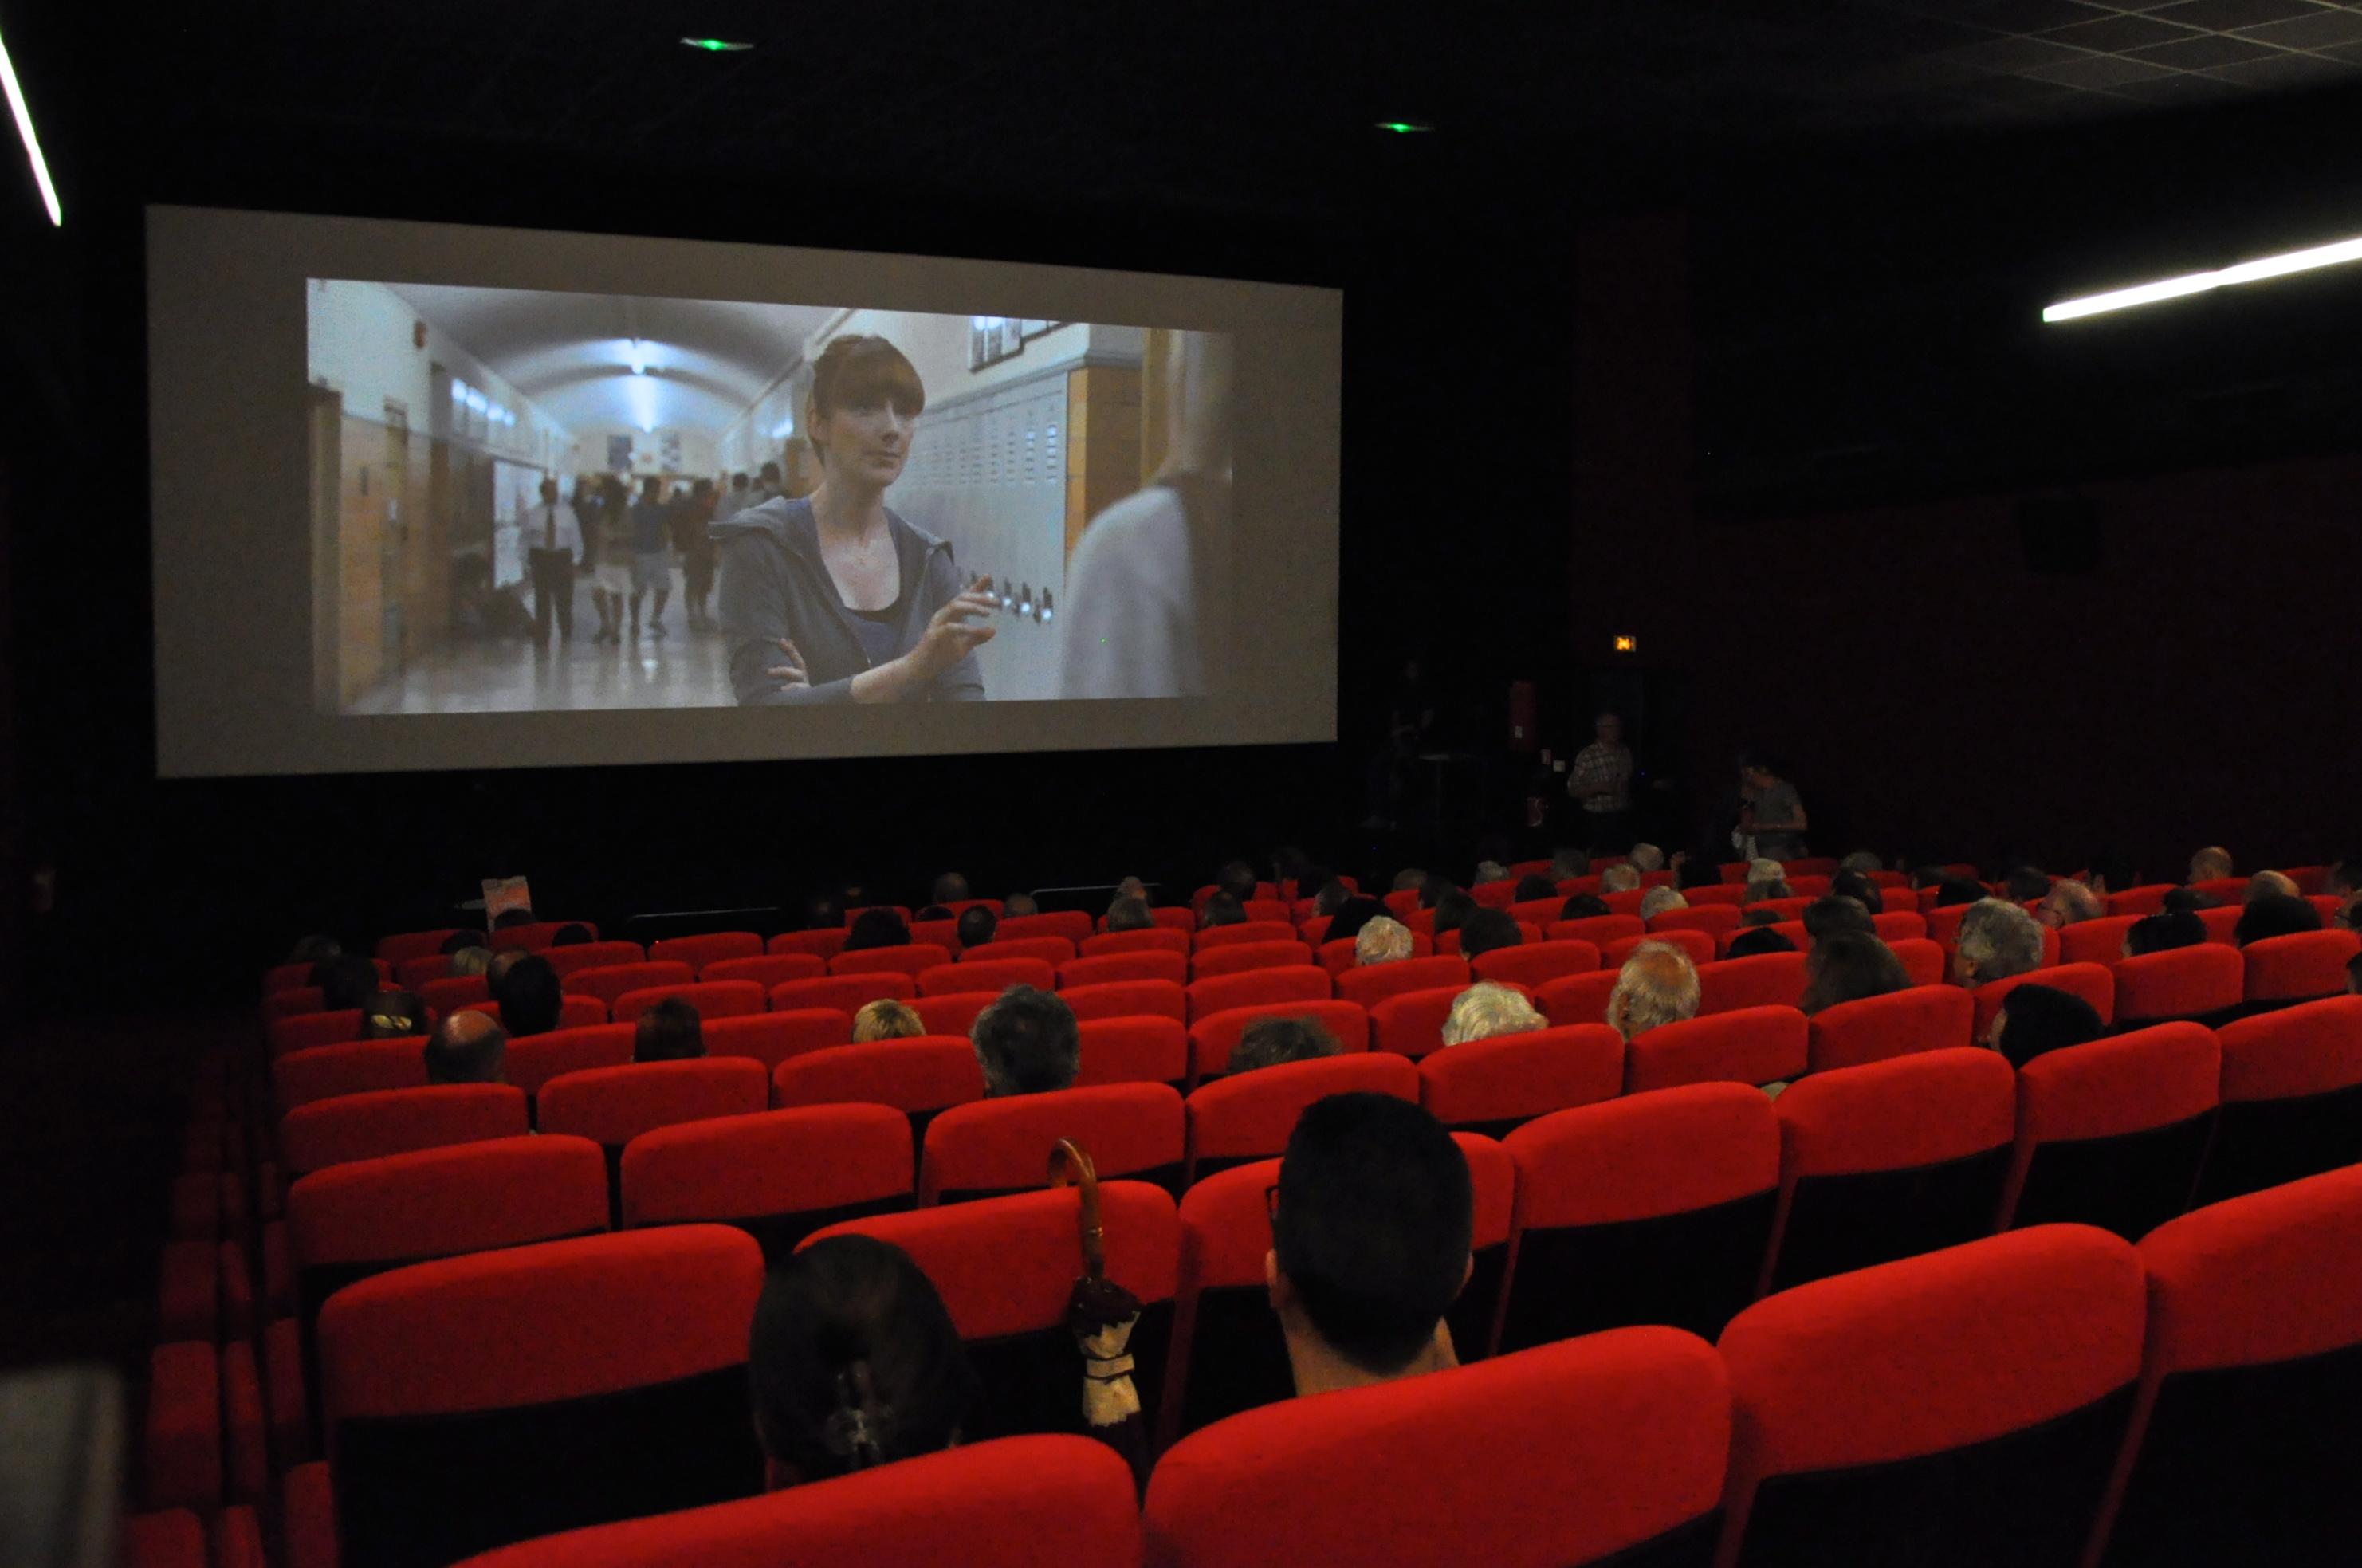 Séance de Cinéma à Dieppe